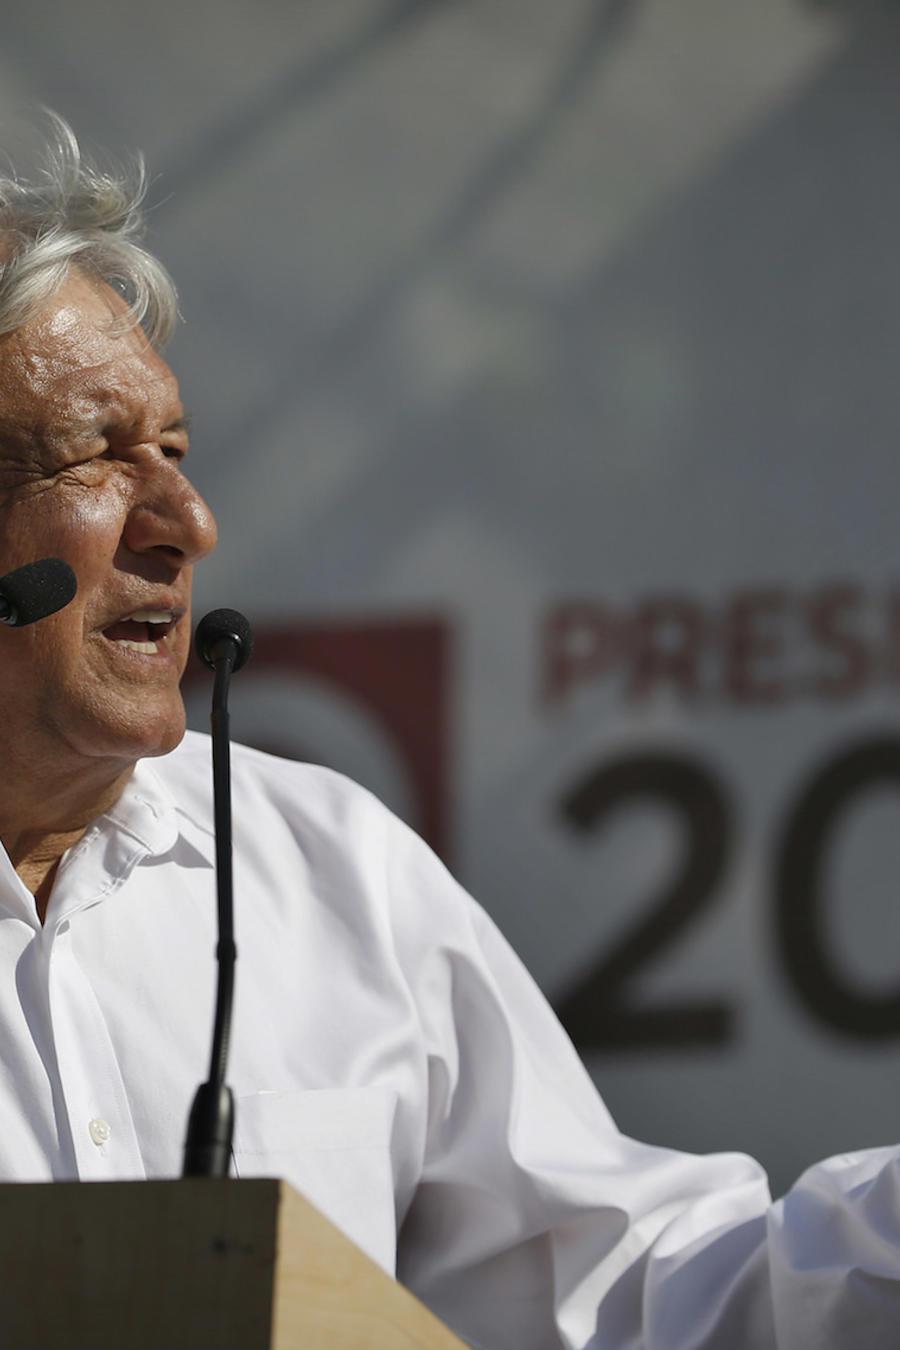 El candidato presidencial Andrés Manuel López Obrador durante un evento en la Ciudad de México, el 20 de abril de 2018.